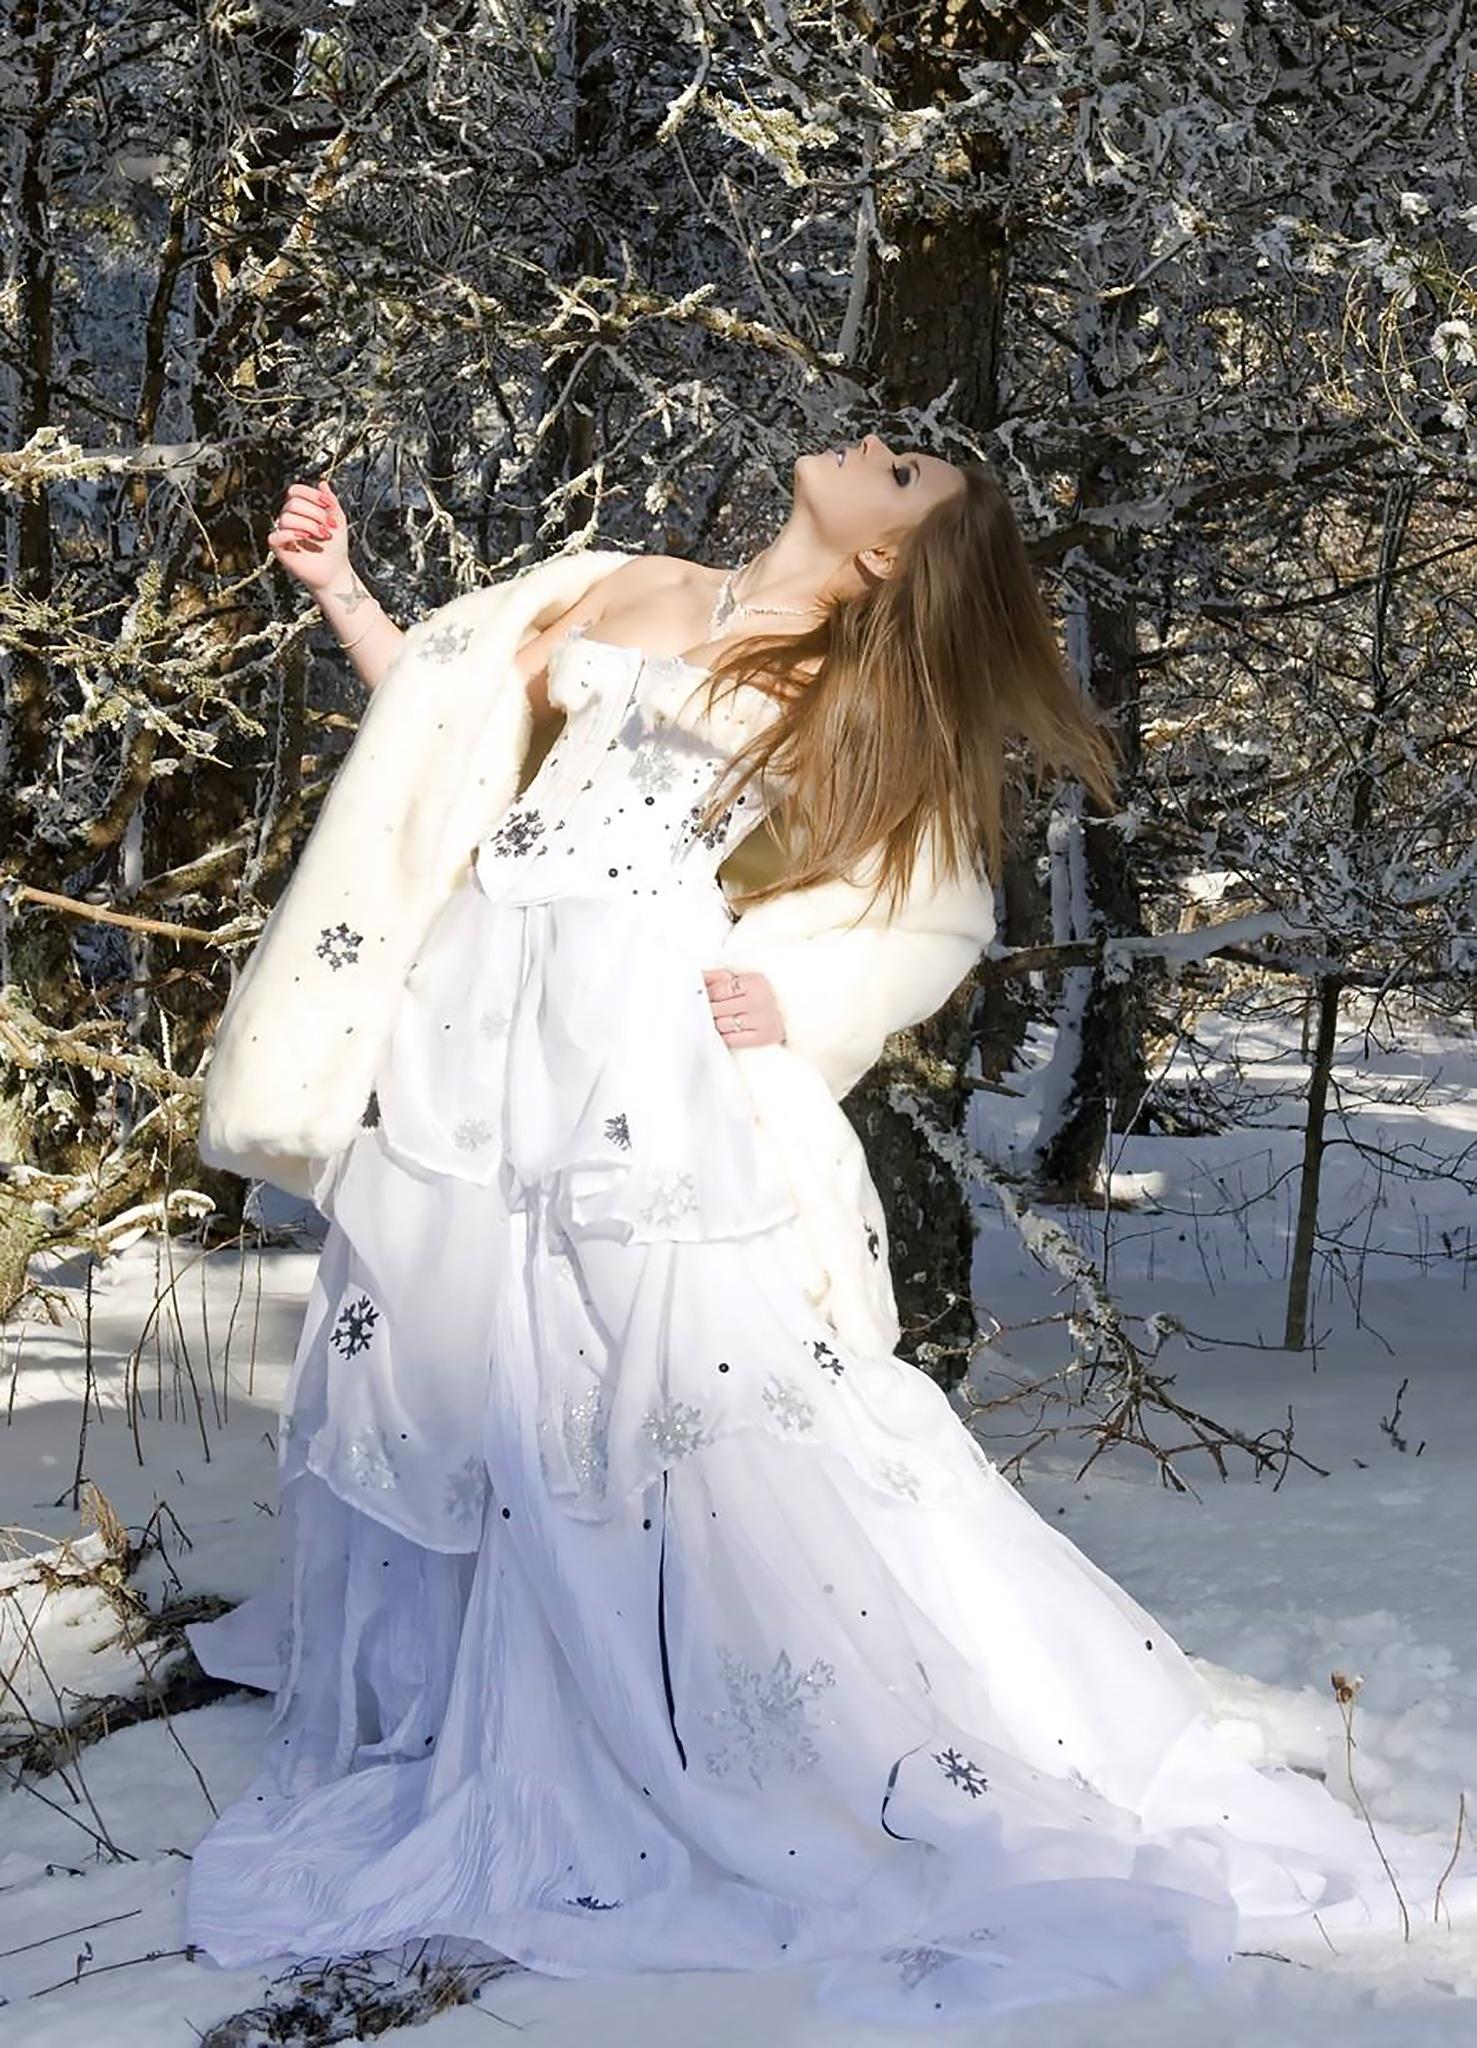 Kostenlose foto : Berg, Schnee, kalt, Winter, Frau, Modell ...